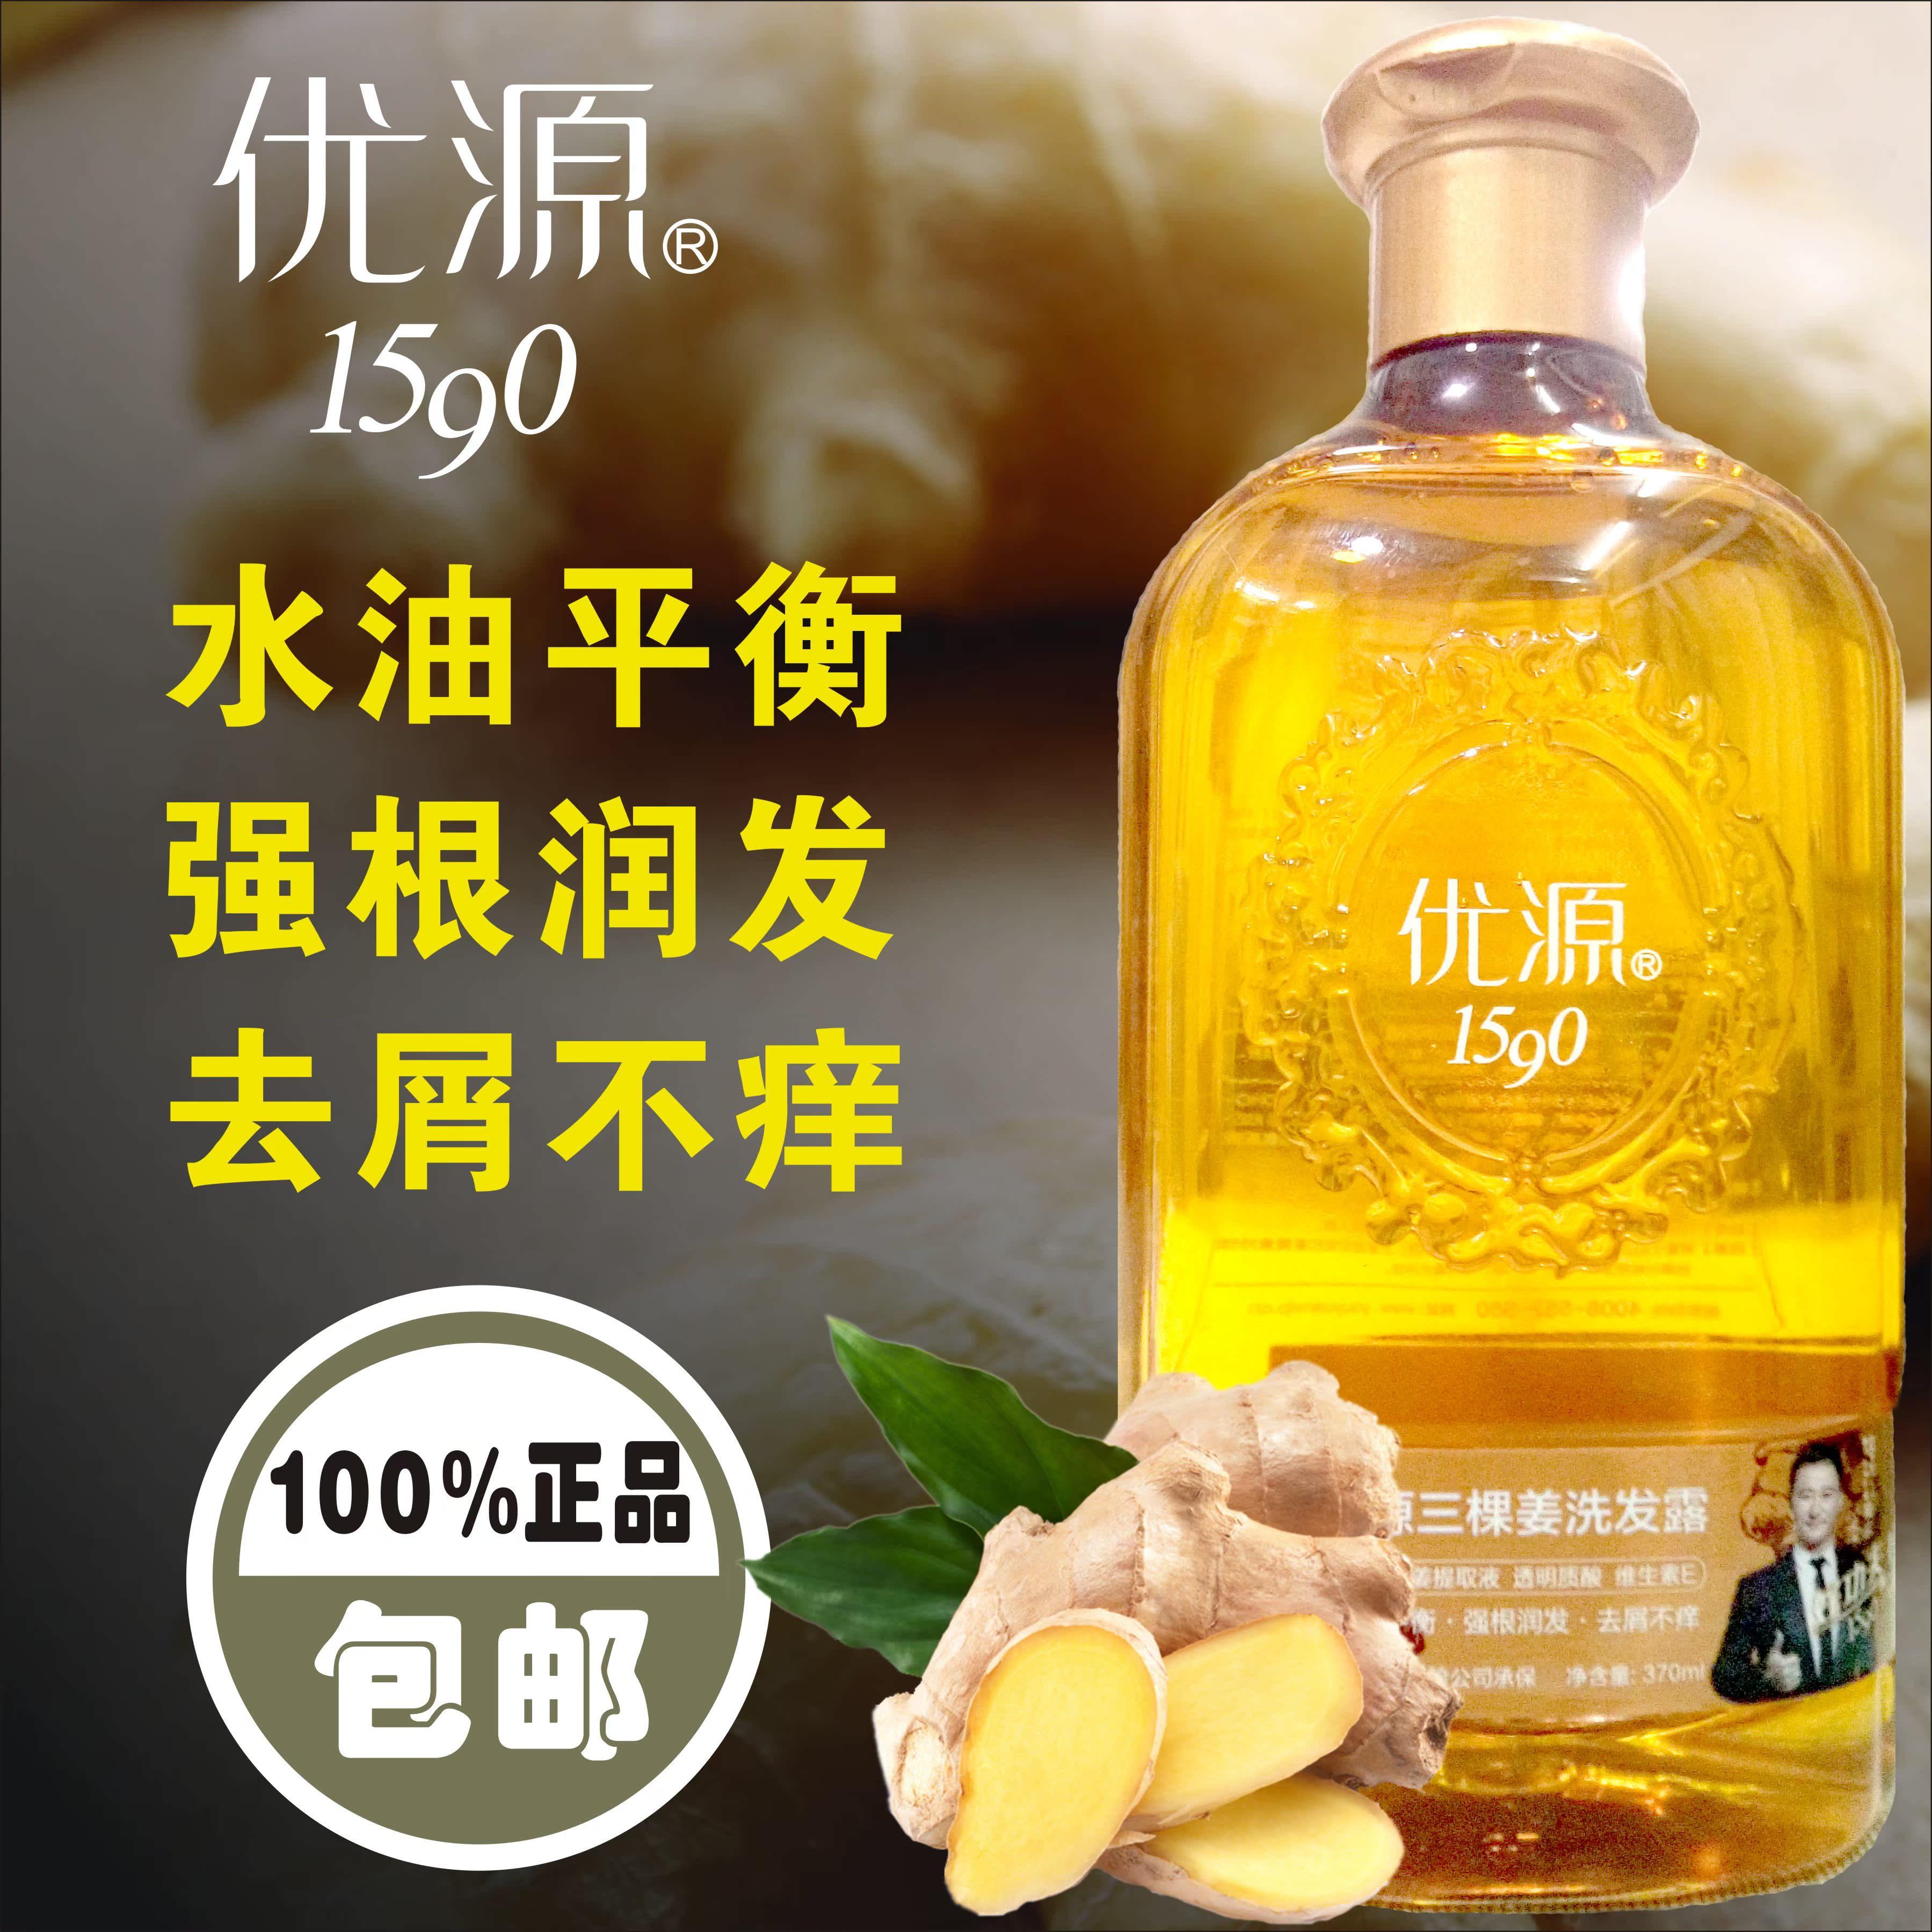 La venta directa de la marca del aceite de jengibre y sólidos sin pelo excelente fuente de champú y acondicionador para el pelo.